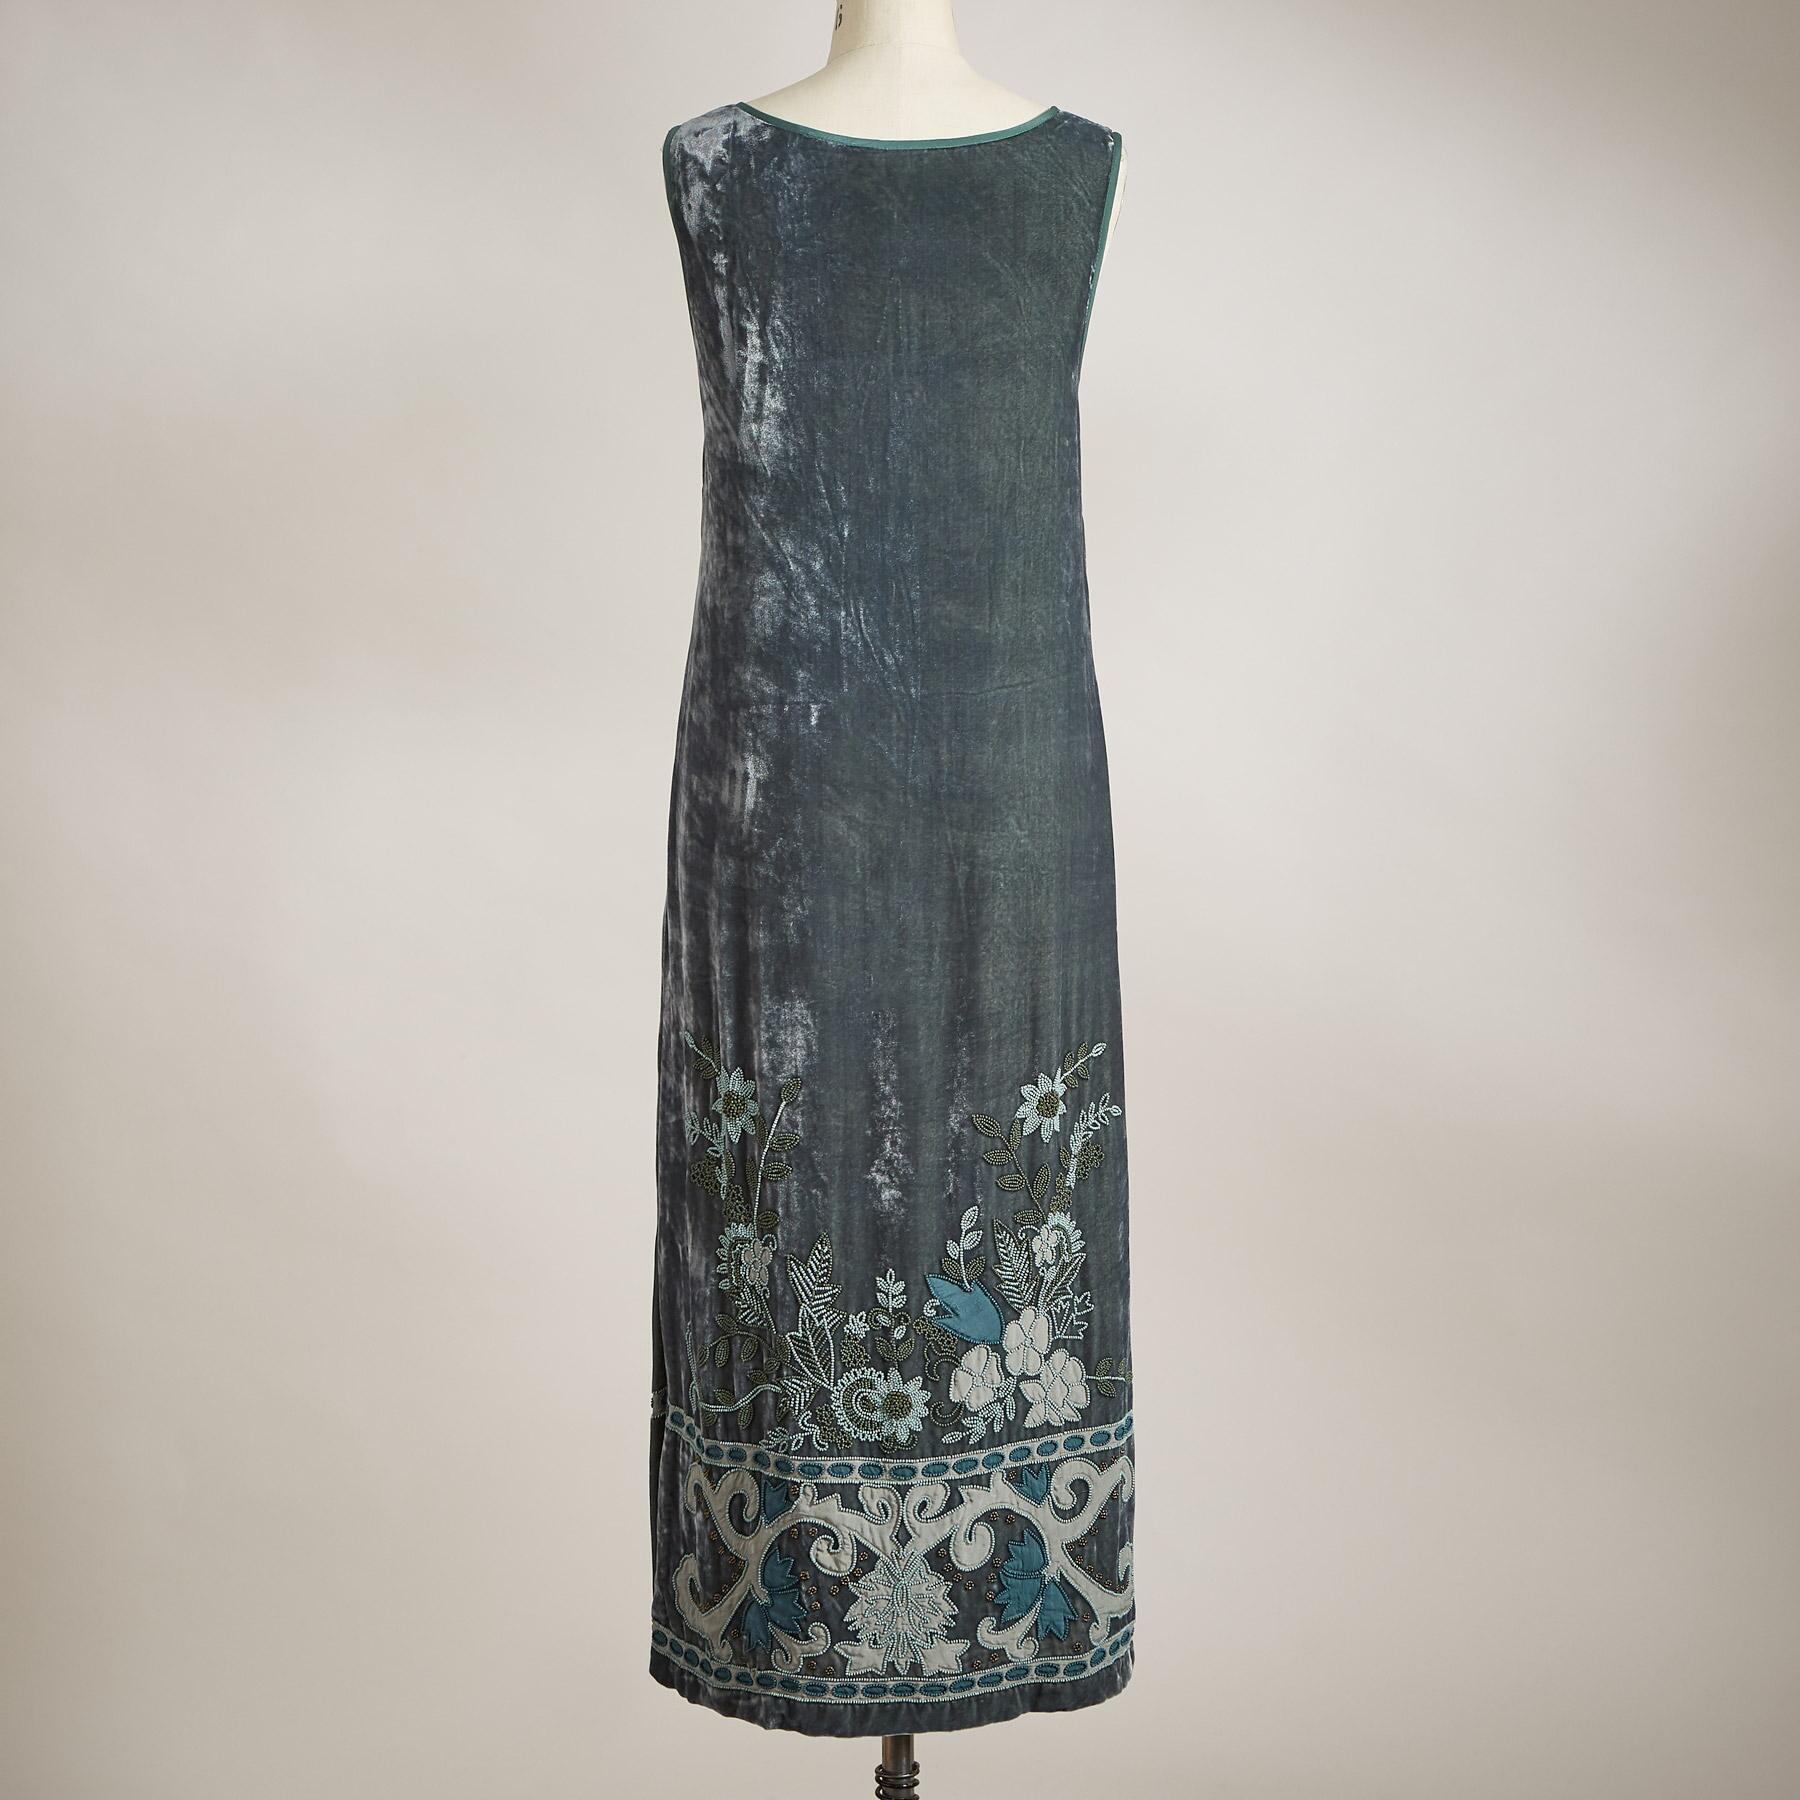 EVELYN VELVET DRESS - PETITES: View 2